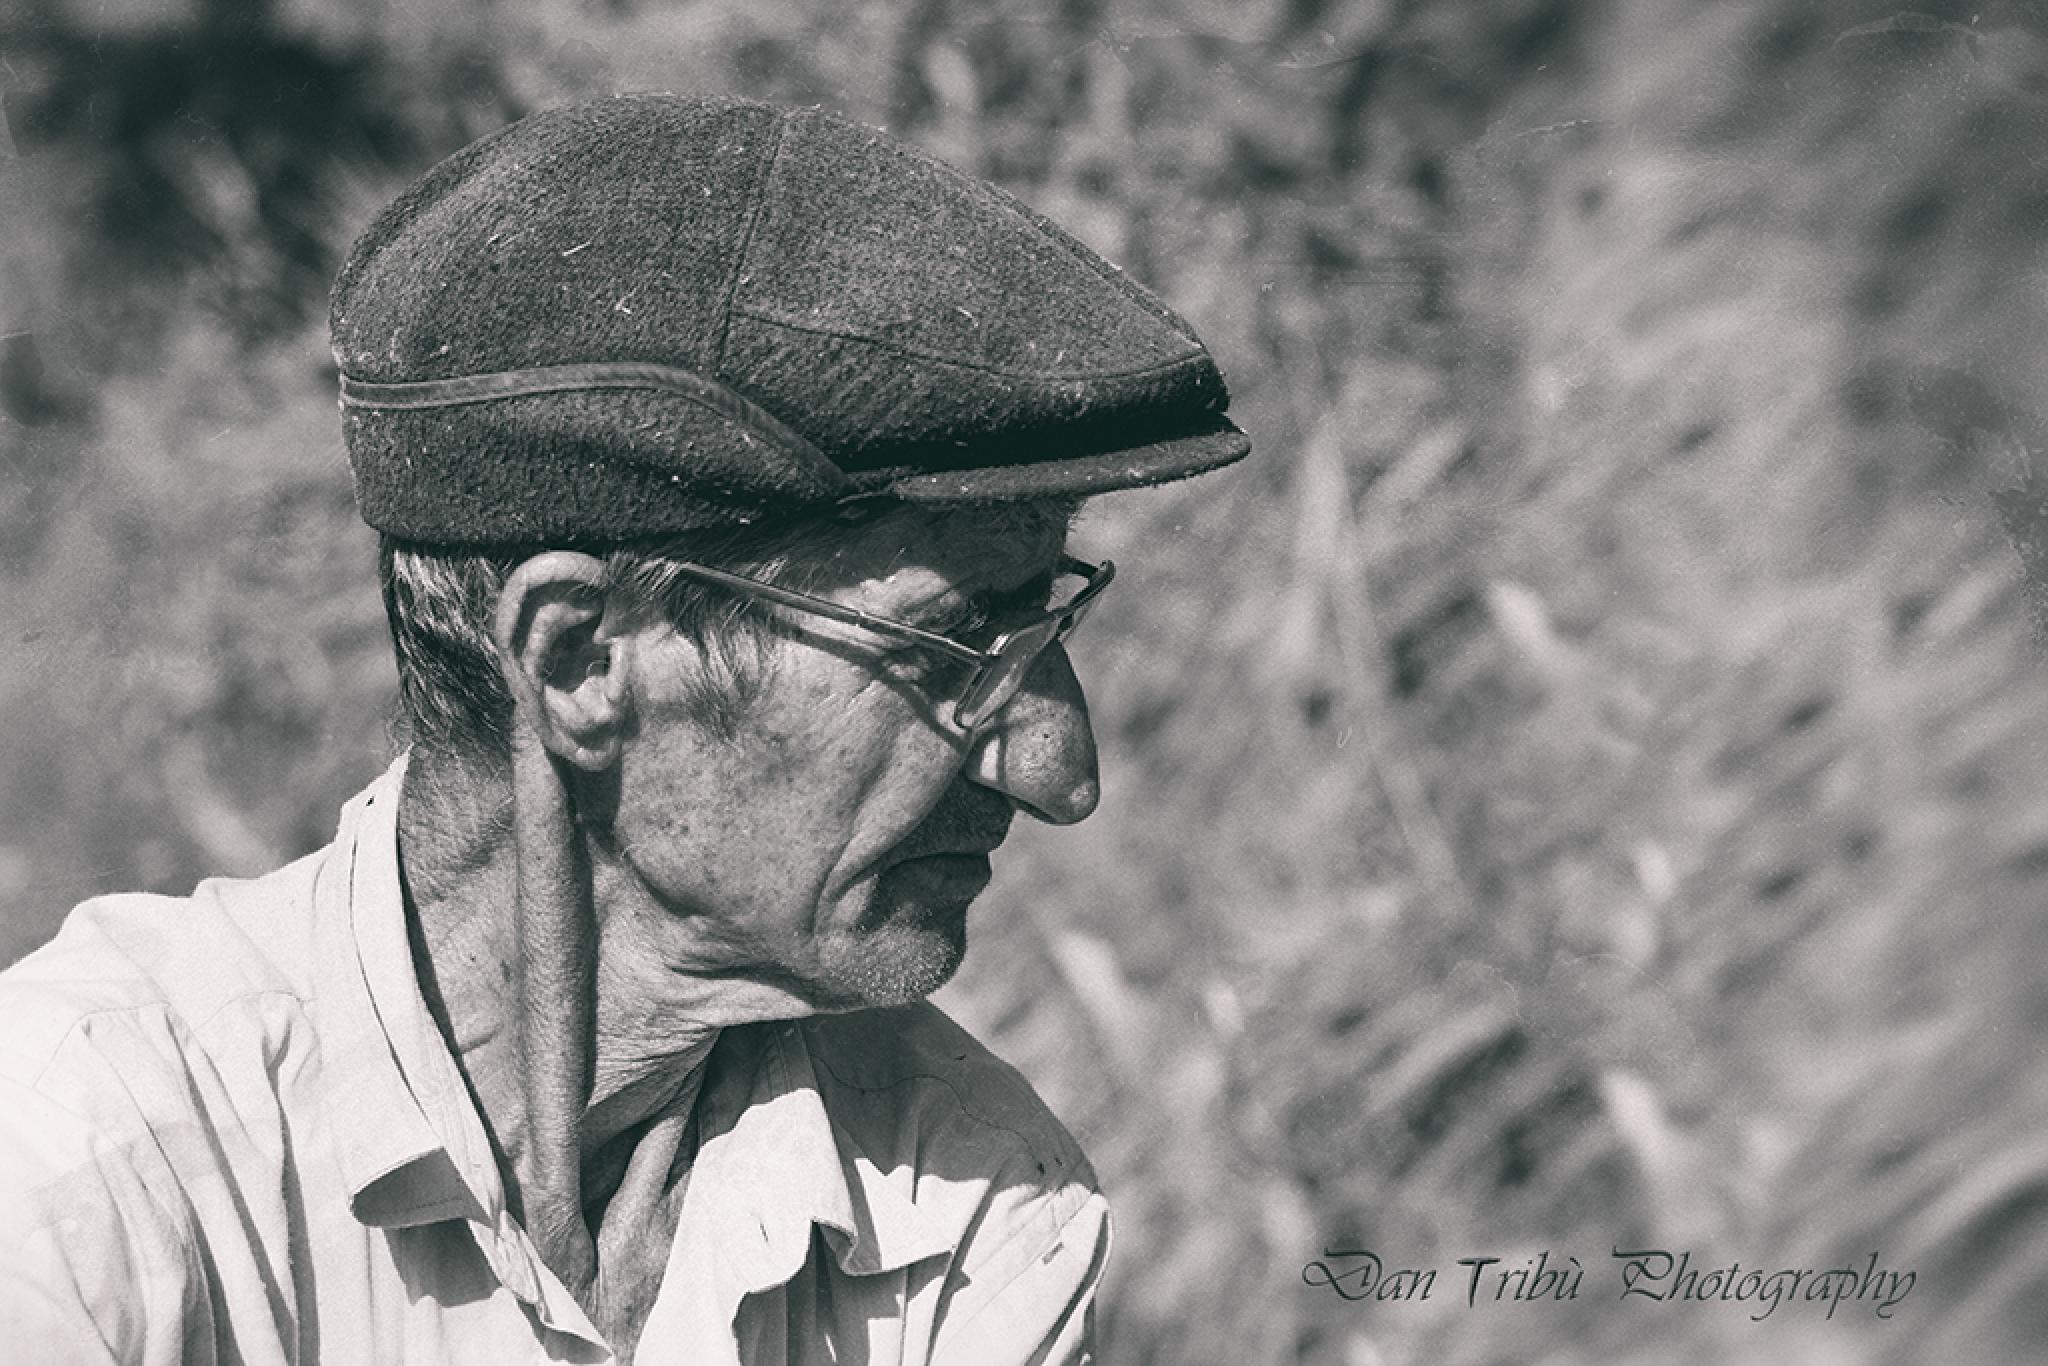 Lipovan fisherman in Danube Delta by Dan Tribù